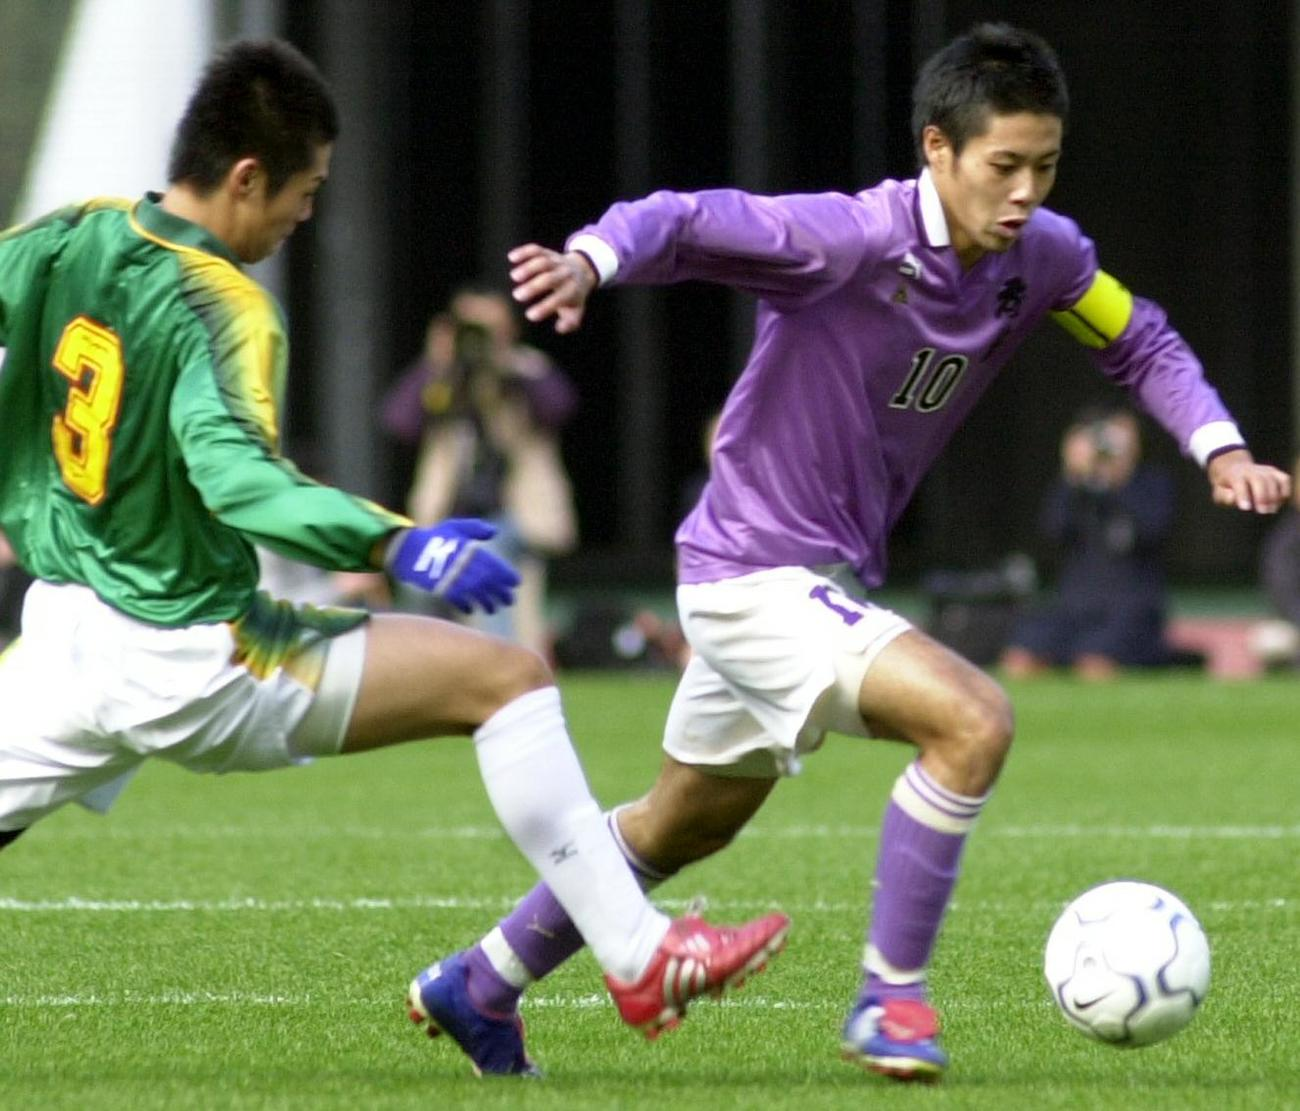 02年11月、全国選手権決勝・静岡学園戦でドリブル突破する成岡翔(右)